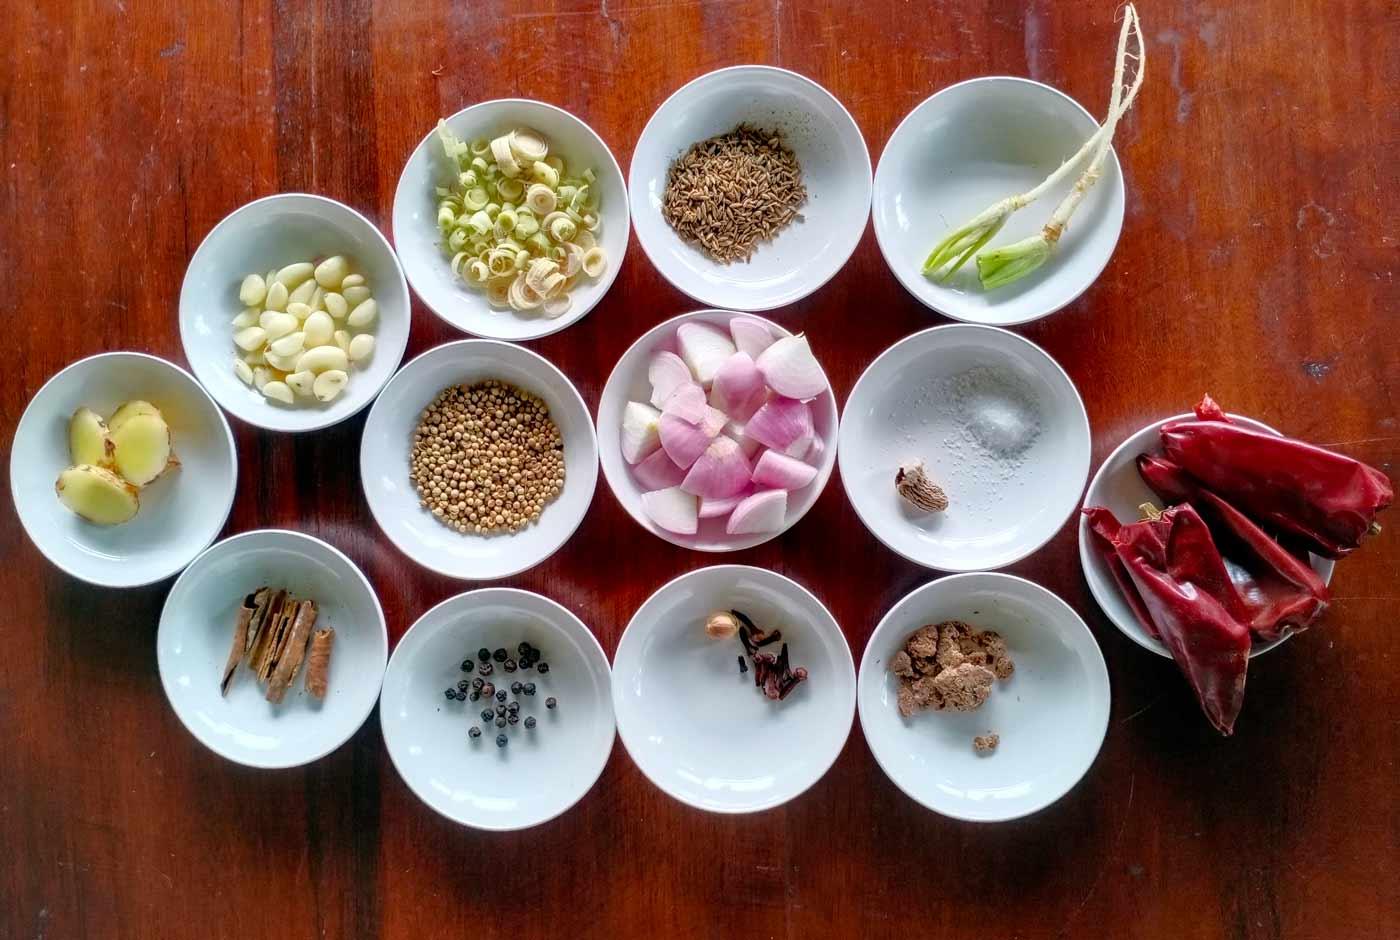 massaman curry paste ingredients